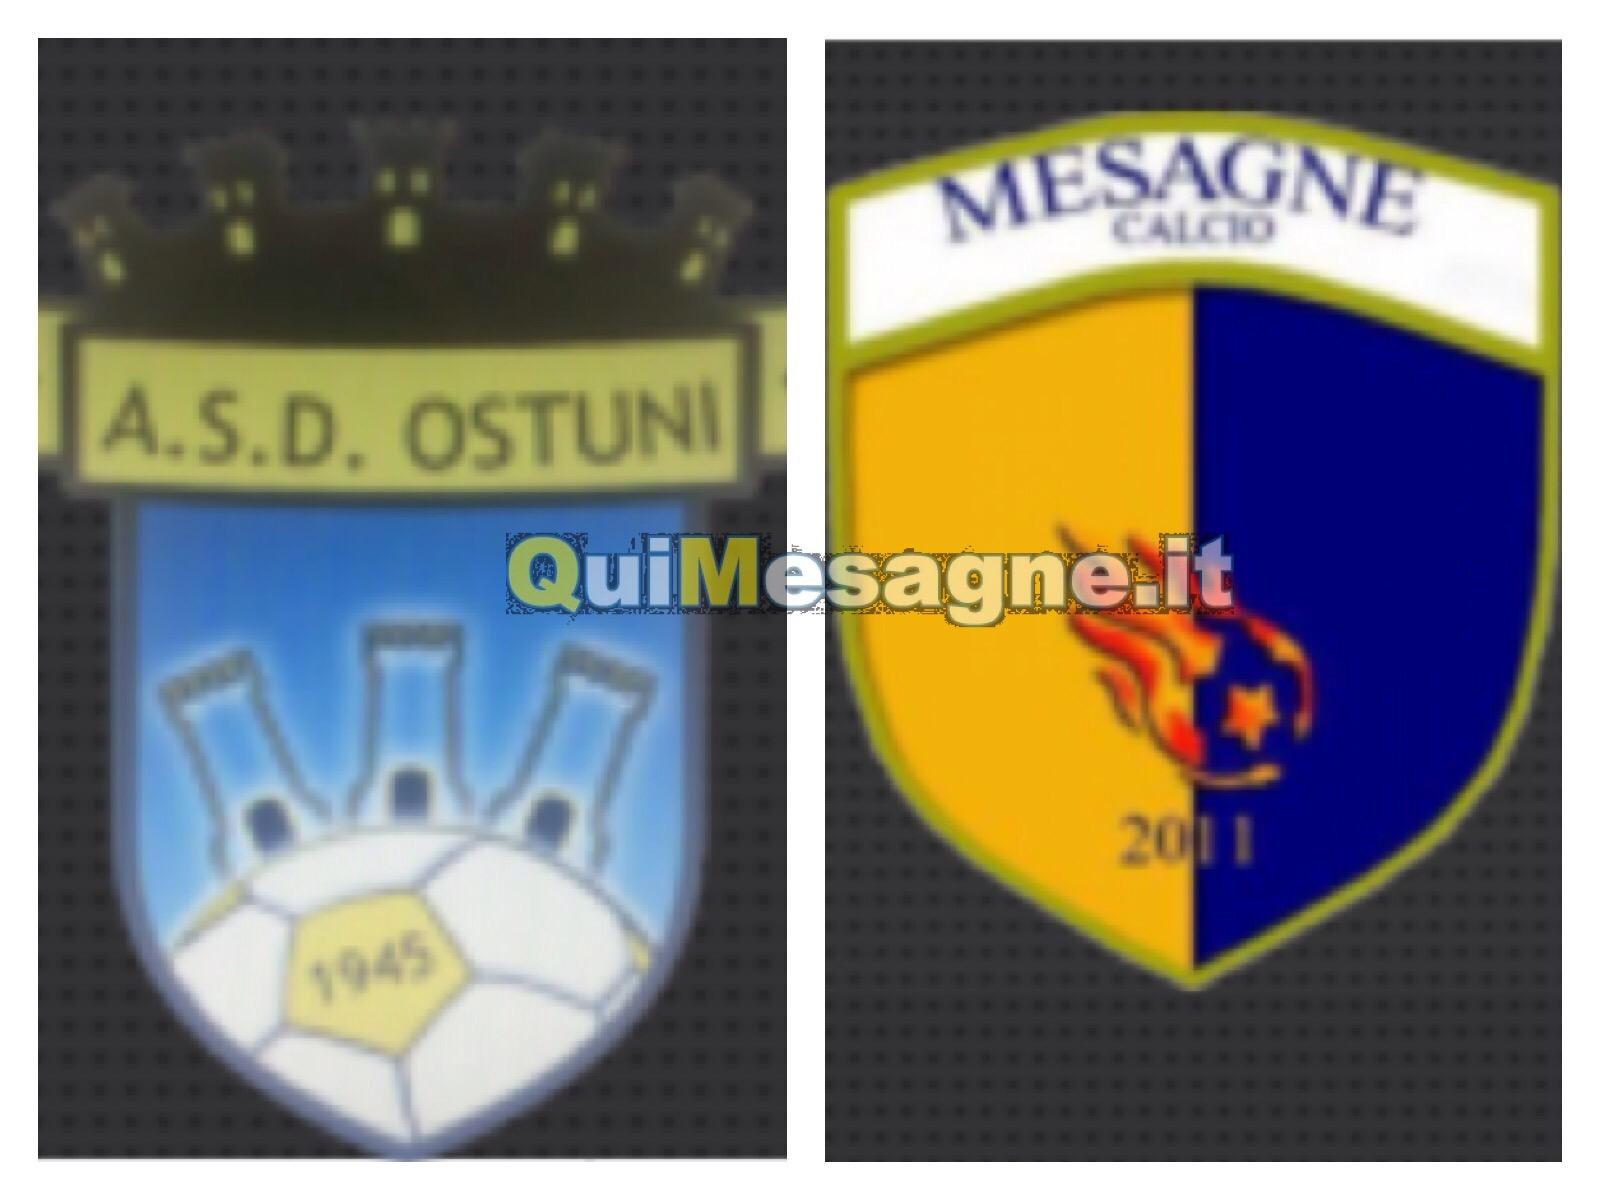 Mesagne calcio, domenica trasferta insidiosa ad Ostuni.